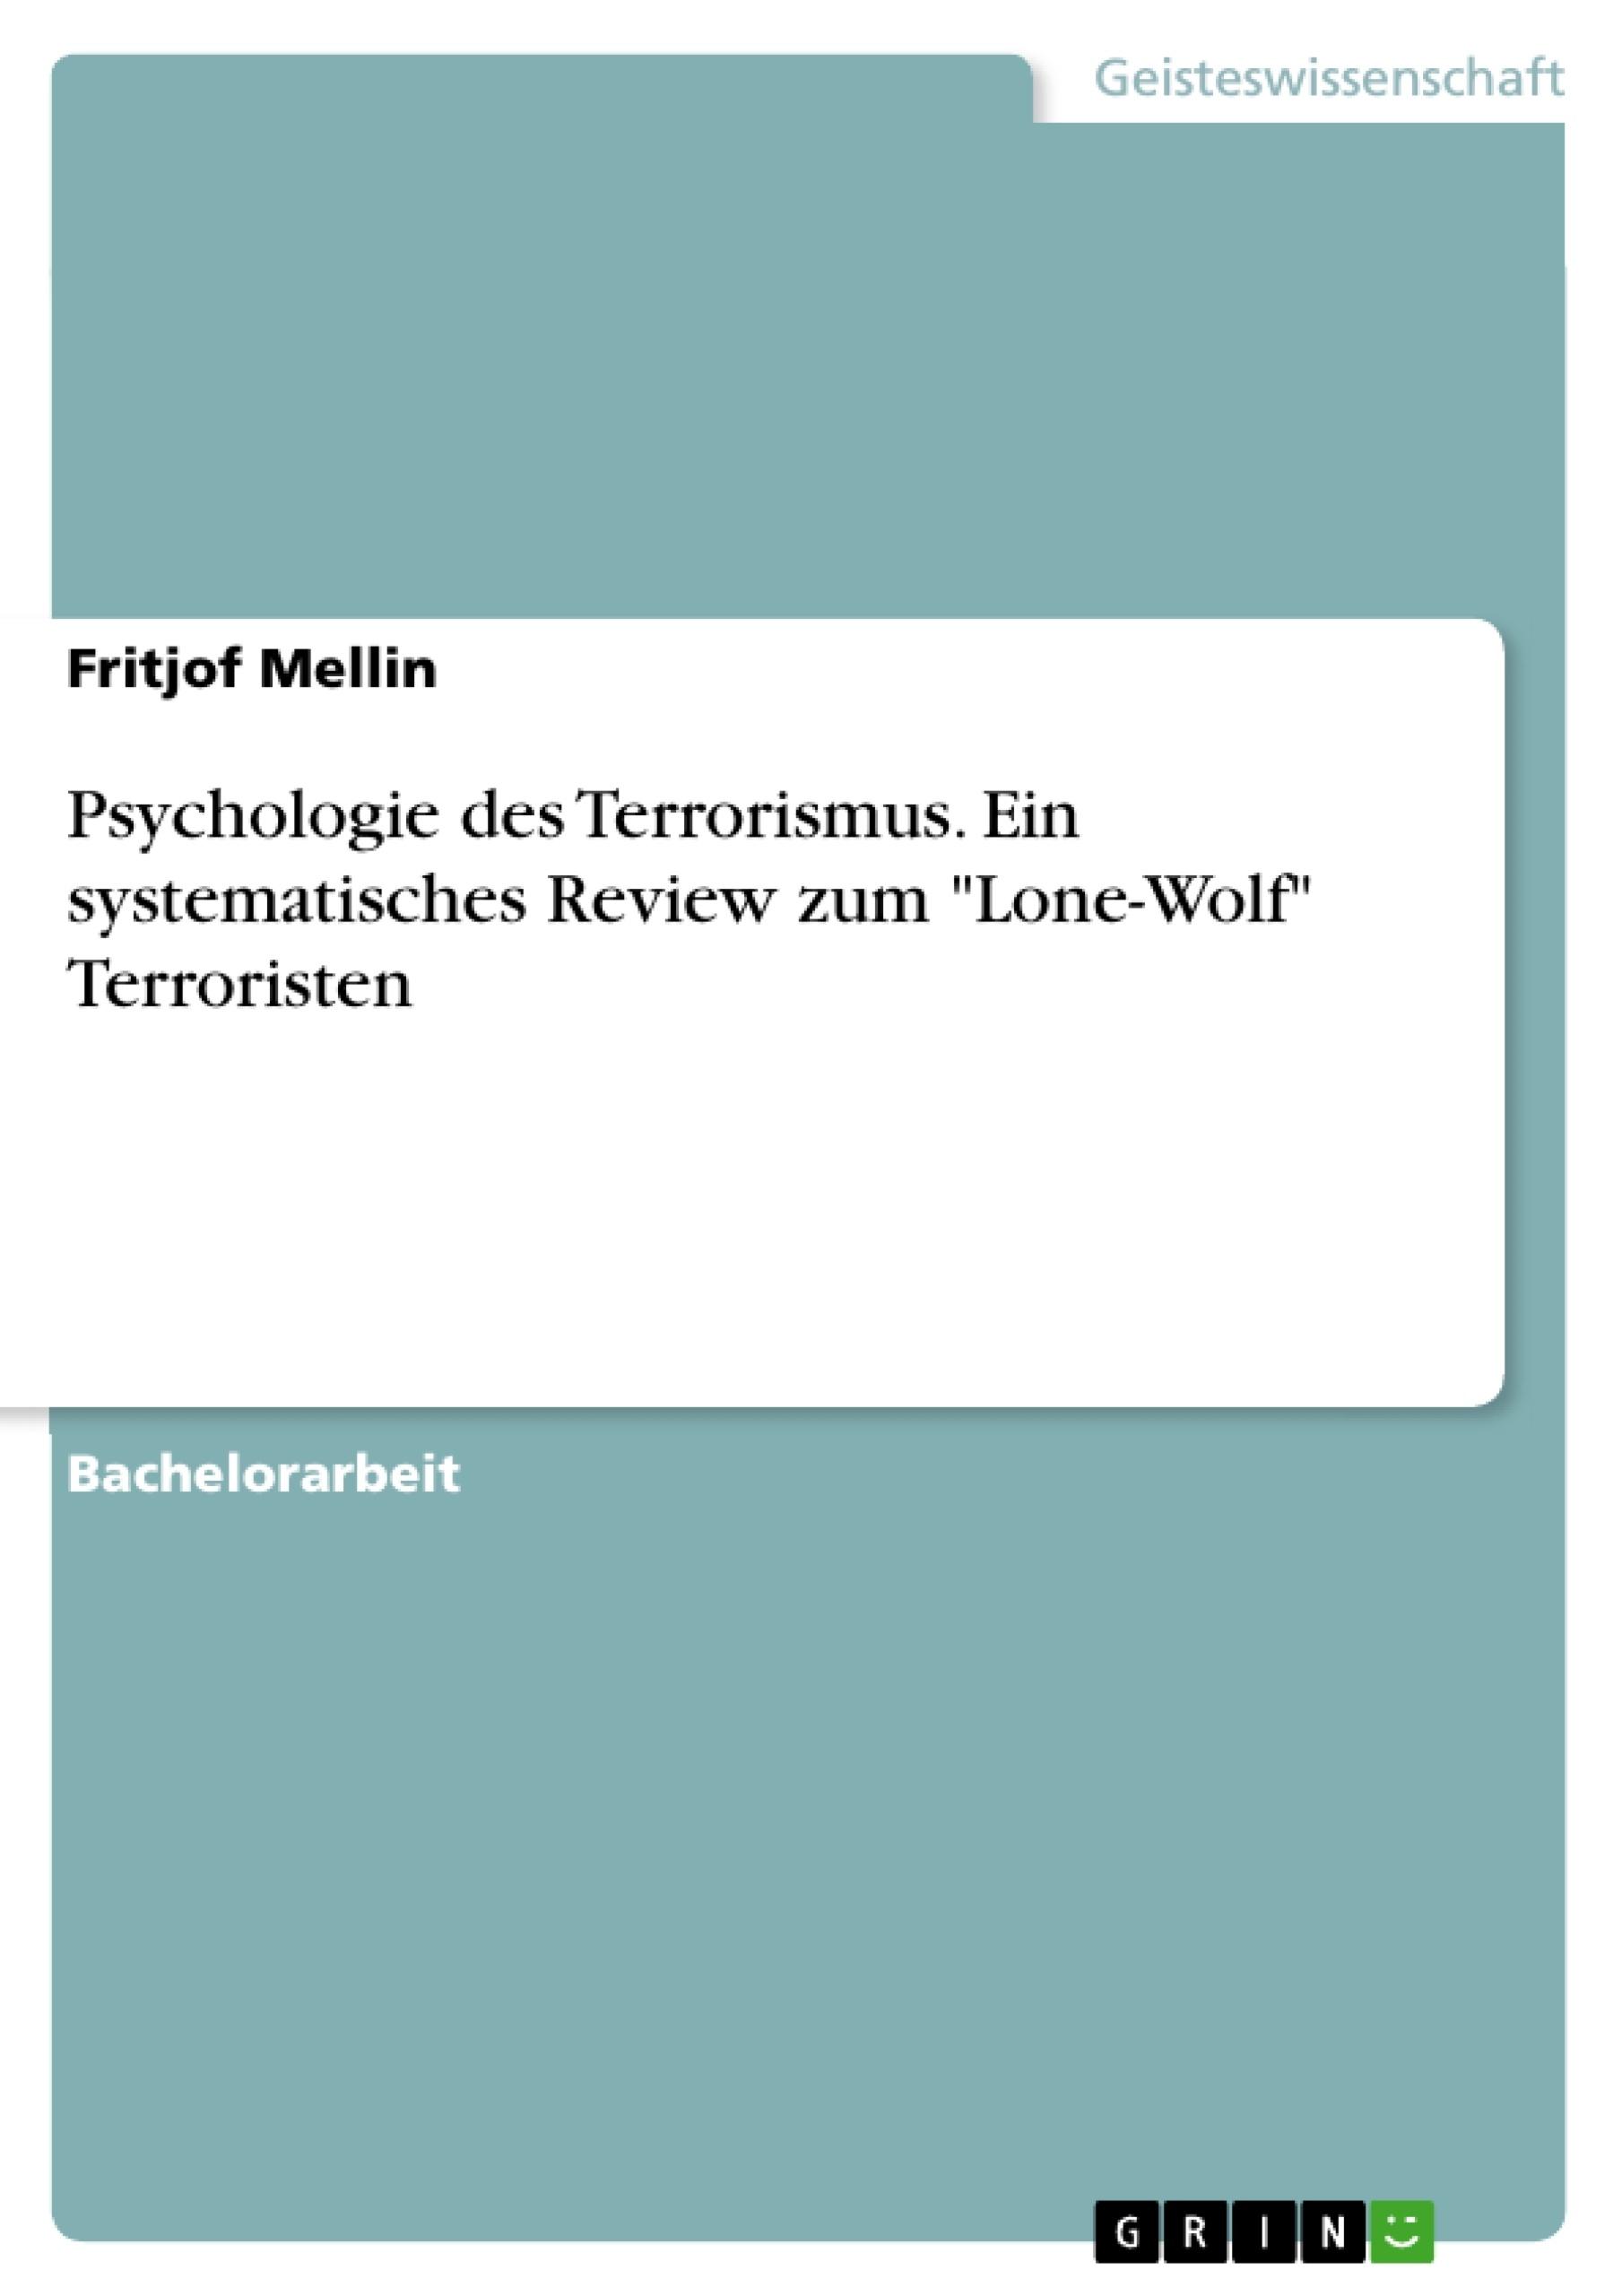 """Titel: Psychologie des Terrorismus. Ein systematisches Review zum """"Lone-Wolf"""" Terroristen"""